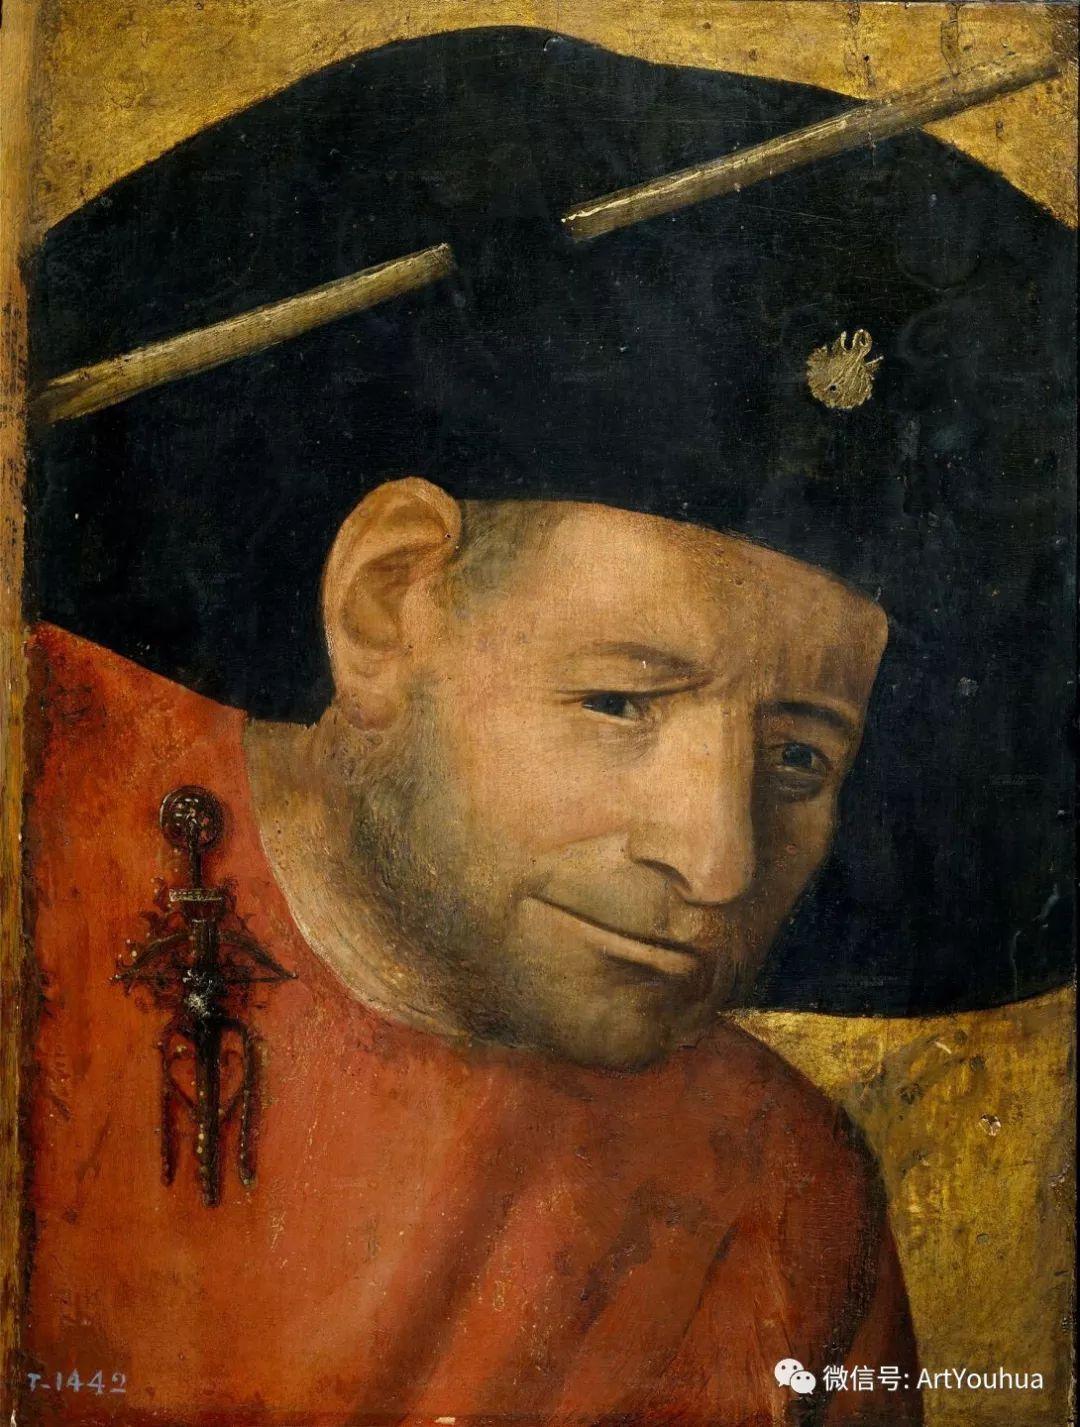 连载No.3 一生要知道的100位世界著名画家之希罗尼穆斯·波希插图24